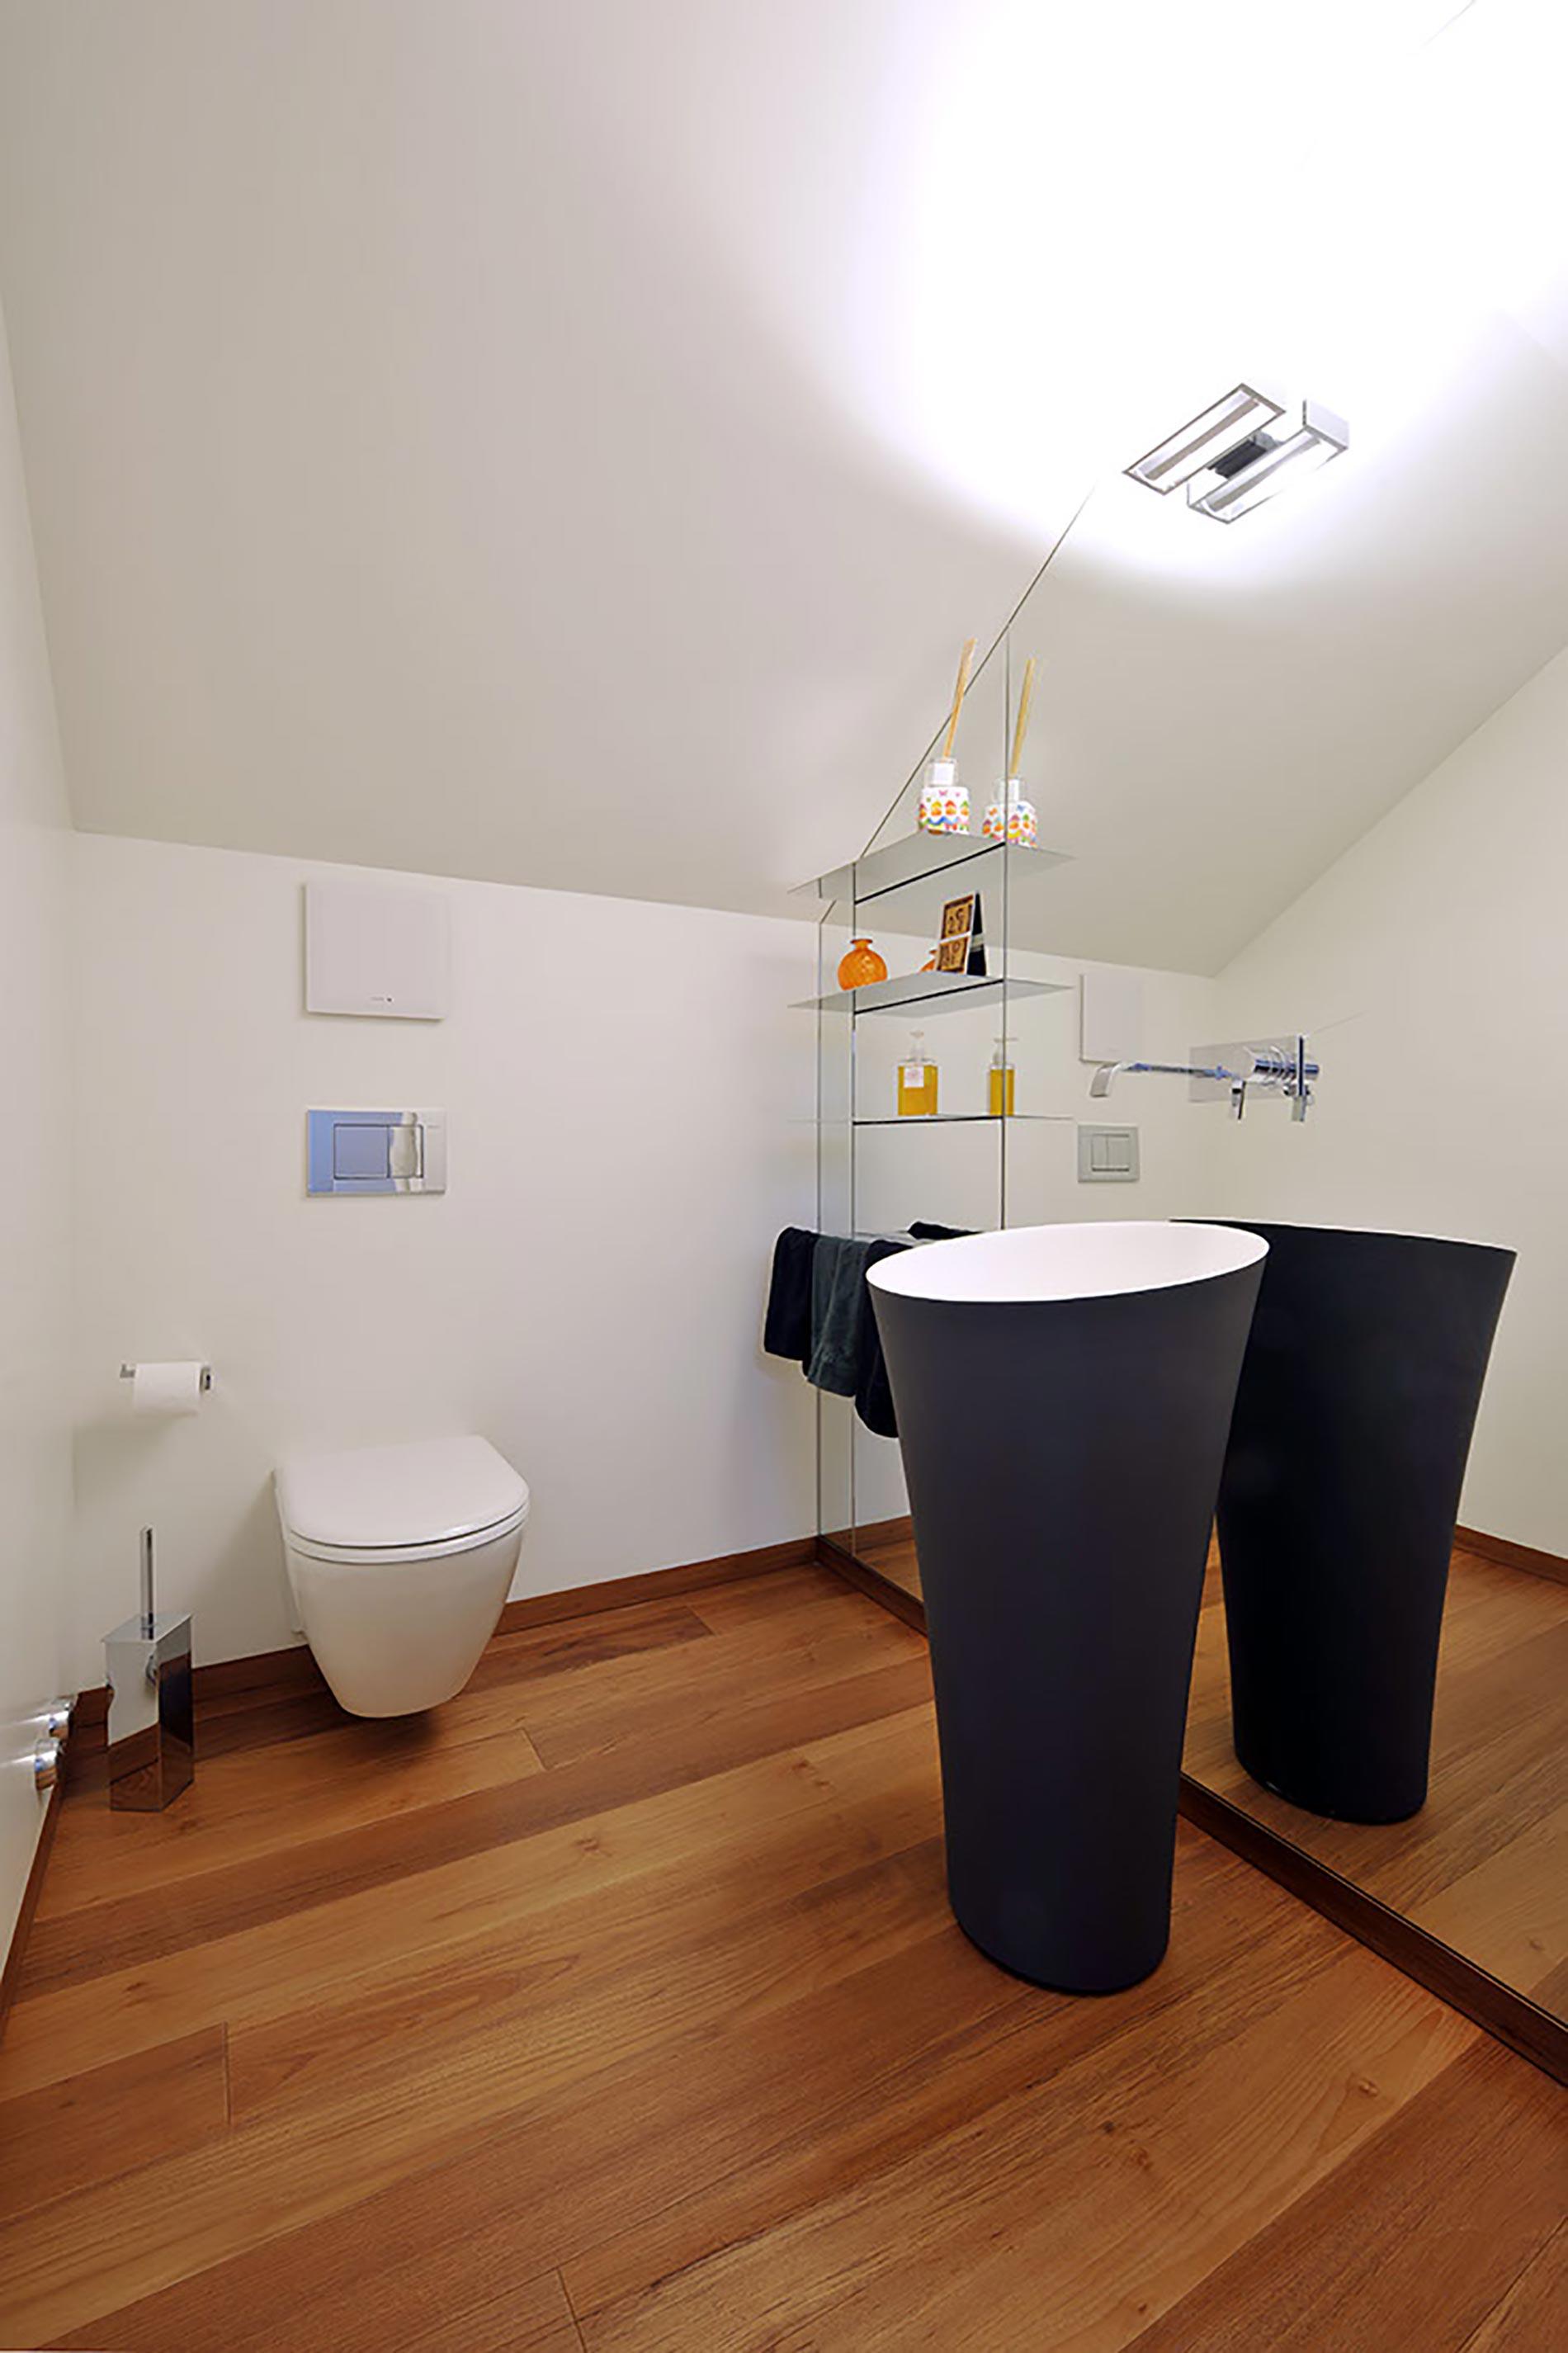 villa-lugano-antoniolupi---bagno-piccolo-lavabo-nero